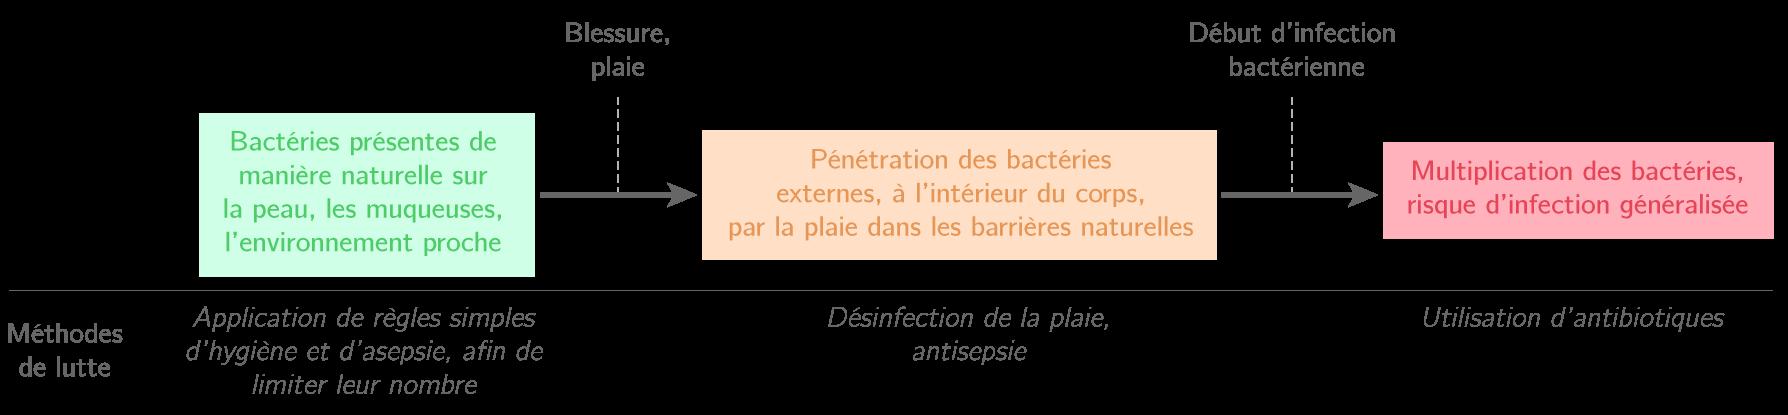 Prévention et lutte contre les micro-organismes pathogènes